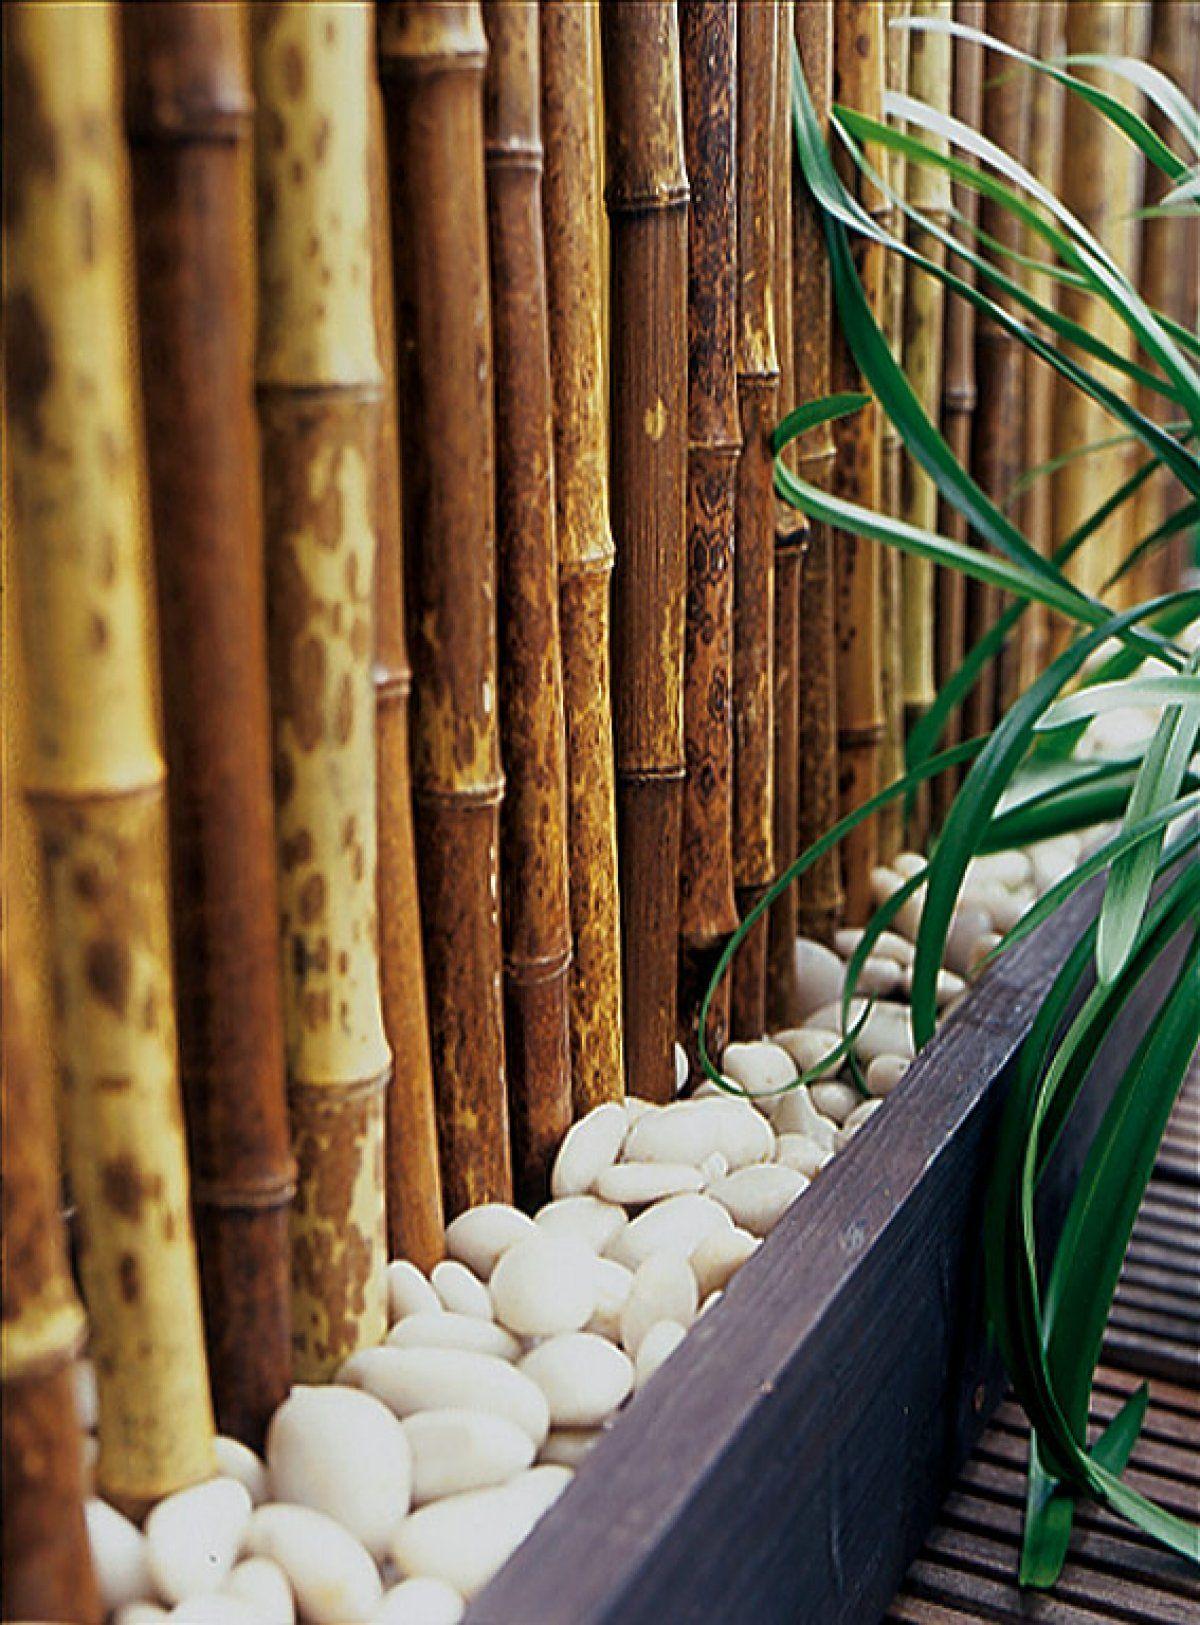 Full Size of Paravent Outdoor Holz Glas Polyrattan Balkon Ikea Amazon Metall Bambus Garten Küche Edelstahl Kaufen Wohnzimmer Paravent Outdoor